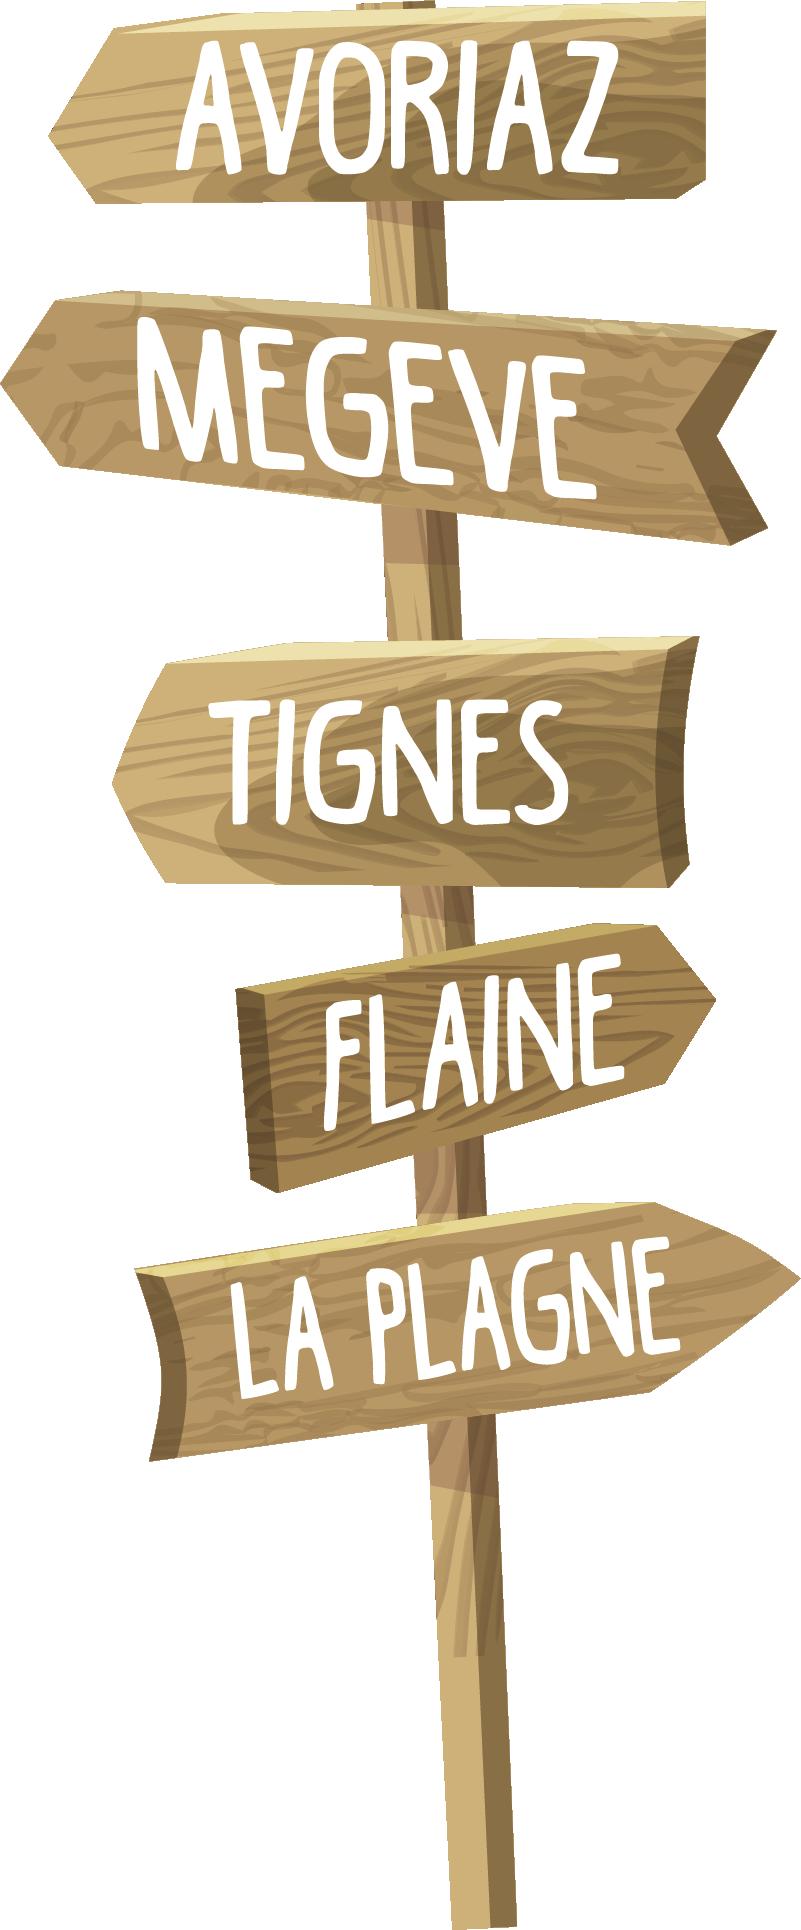 TenStickers. Sticker Mural Vers les montagnes. Cet autocollant mural dessin représente des panneaux de signalisation indiquant le chemin vers les montagnes françaises.